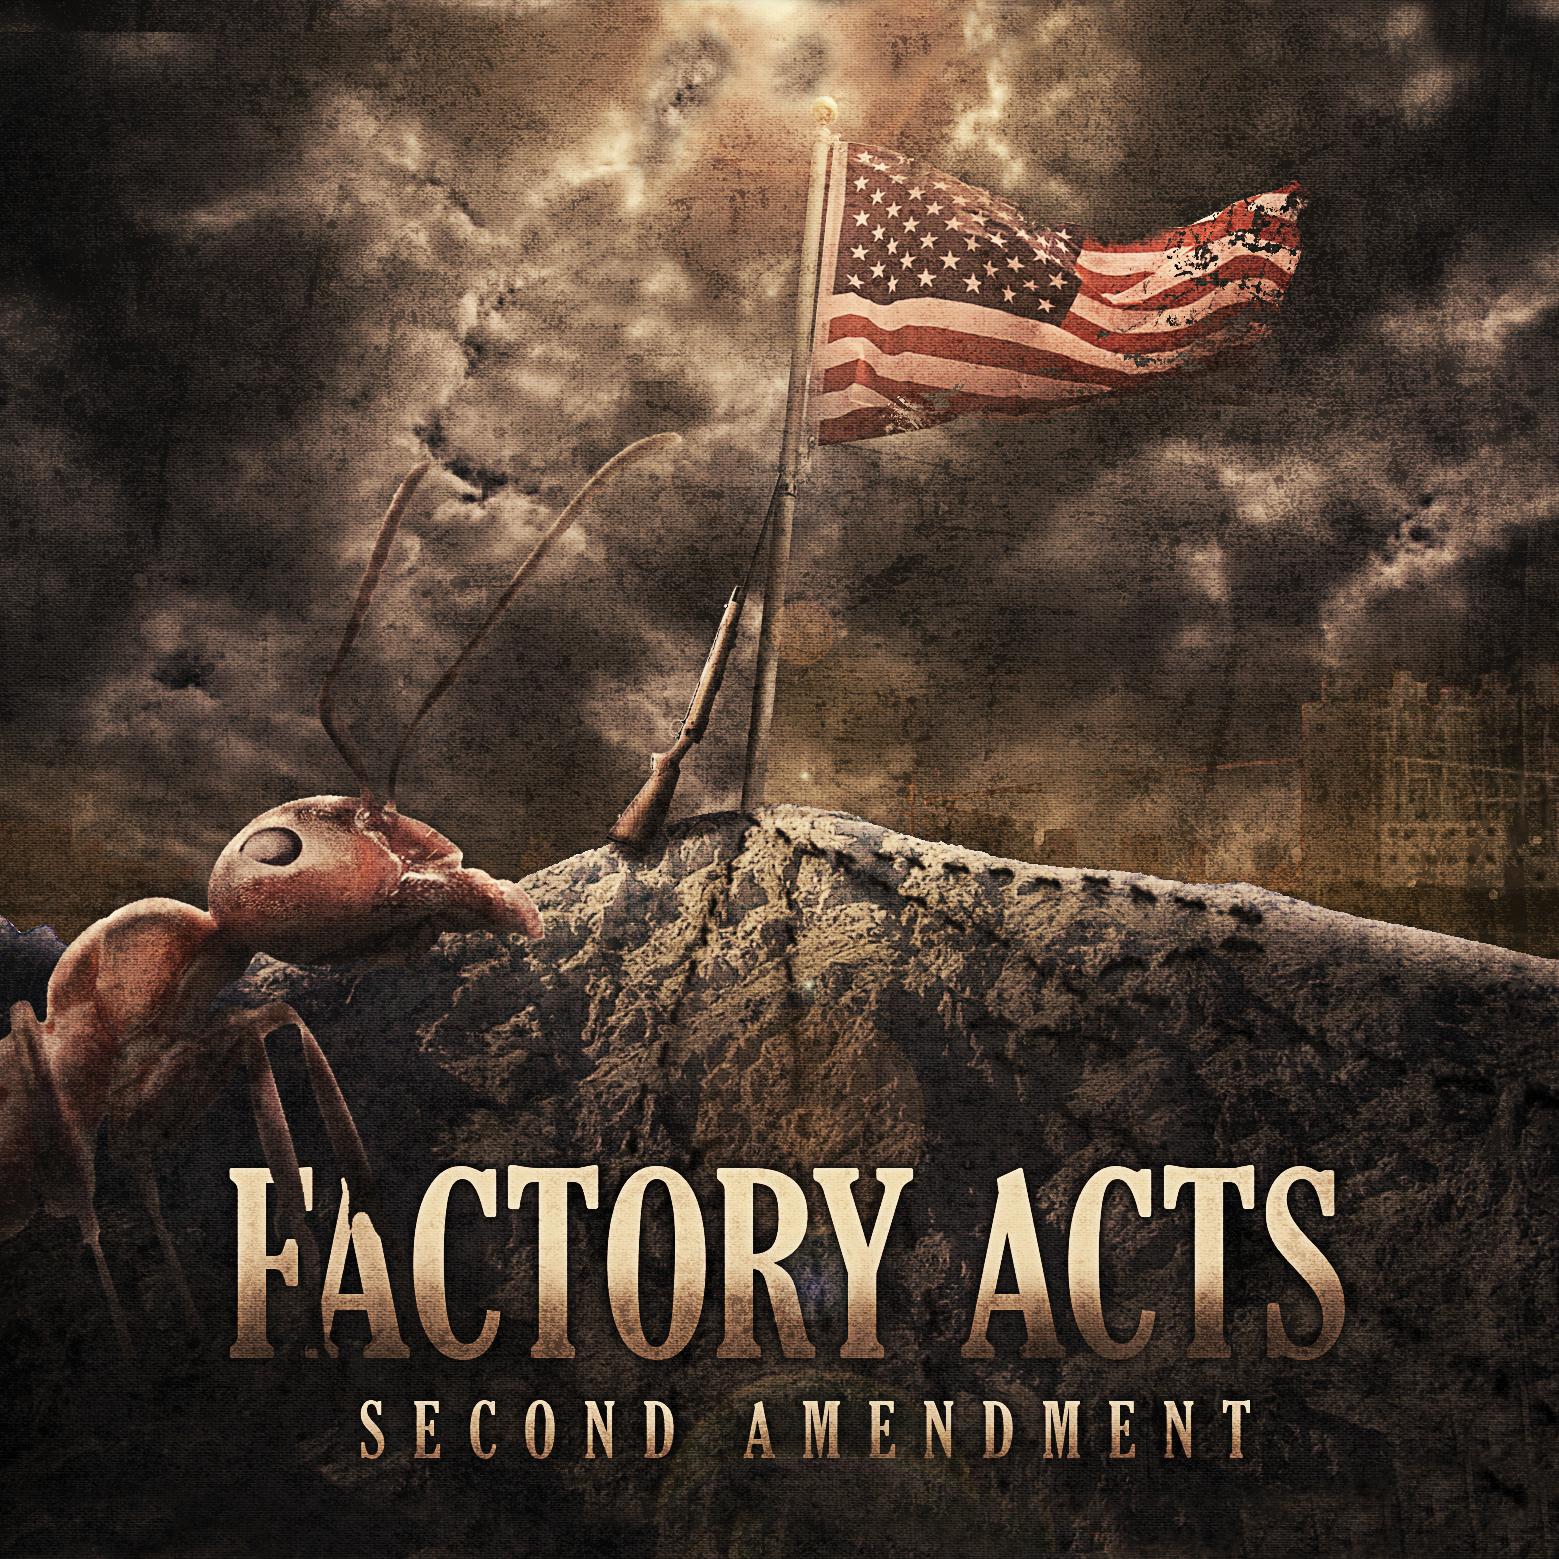 Factory Acts - Second Amendment